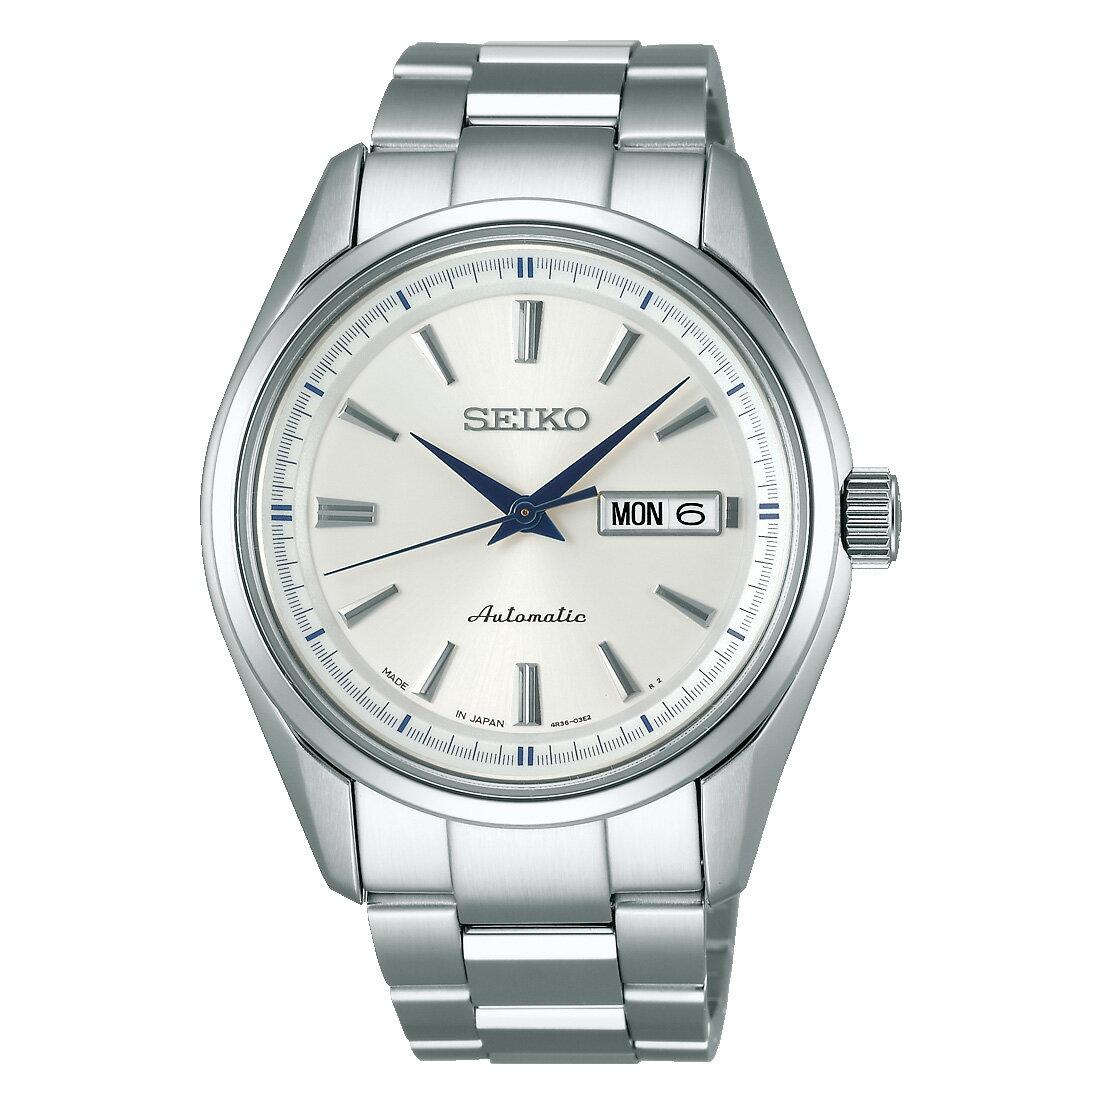 セイコー プレザージュ SARY055 メカニカル SEIKO PRESAGE 腕時計 メンズ ペアウォッチ 白 銀 自動巻き 手巻き付 ギフト 入学 入社 就職 祝い 新生活 就活